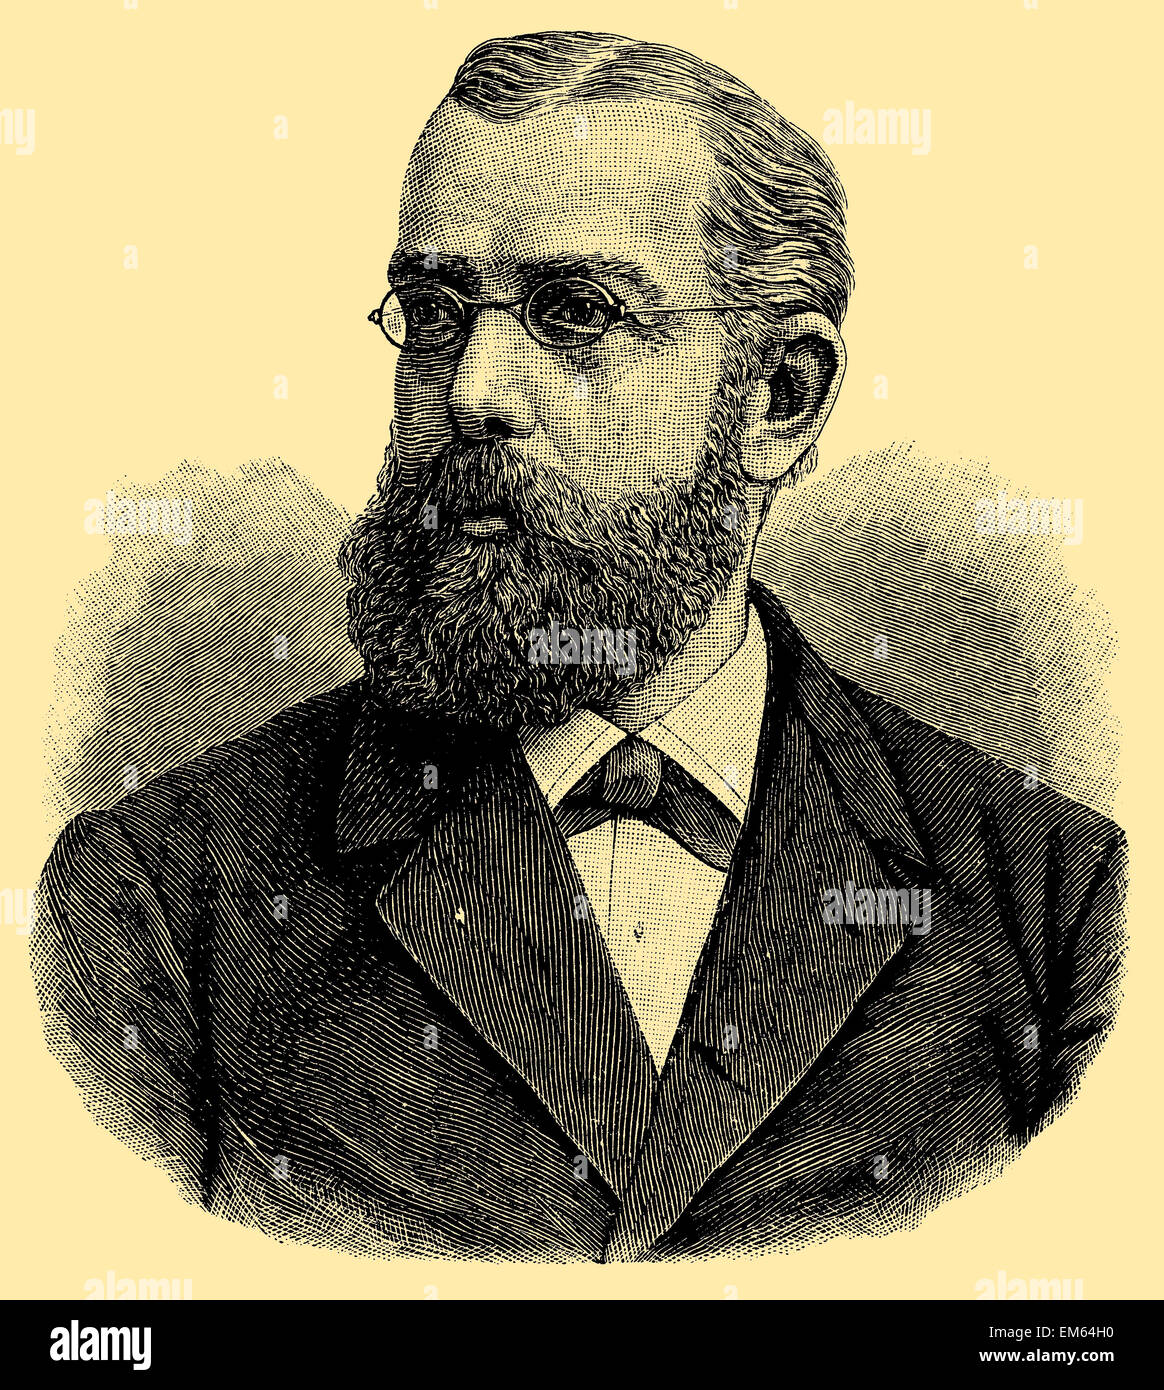 Robert Koch, médecin allemand, découvreur des bacilles de tubercule et le choléra, lauréat du Prix Nobel de médecine en 1905 Banque D'Images